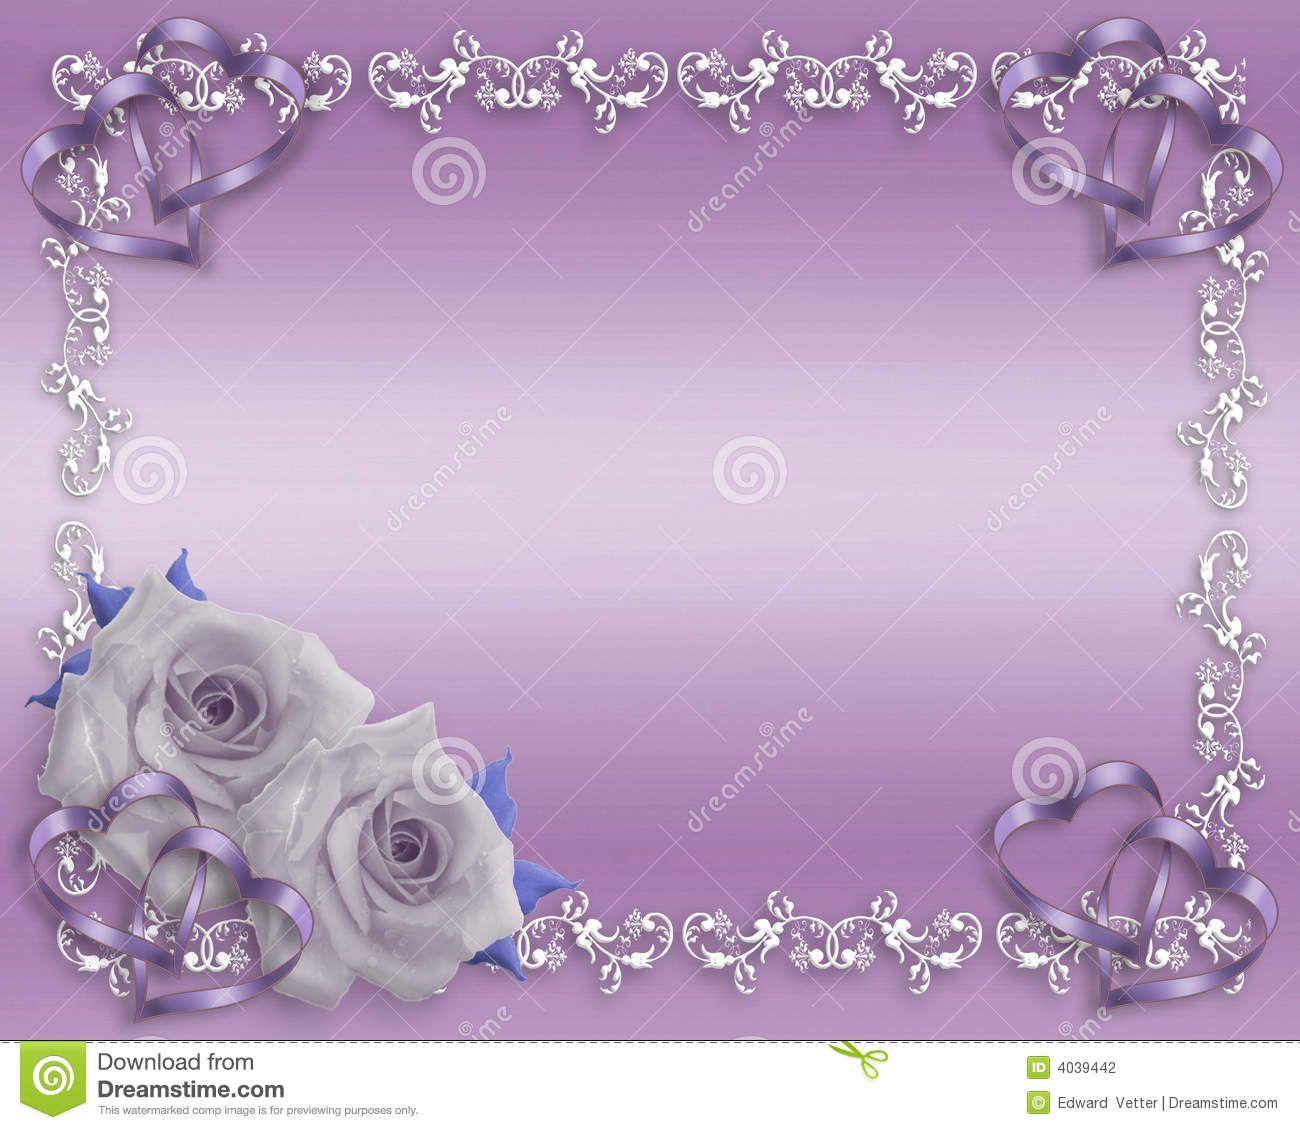 Lavender Background Wedding: ... Lavender Valentine Or Anniversary